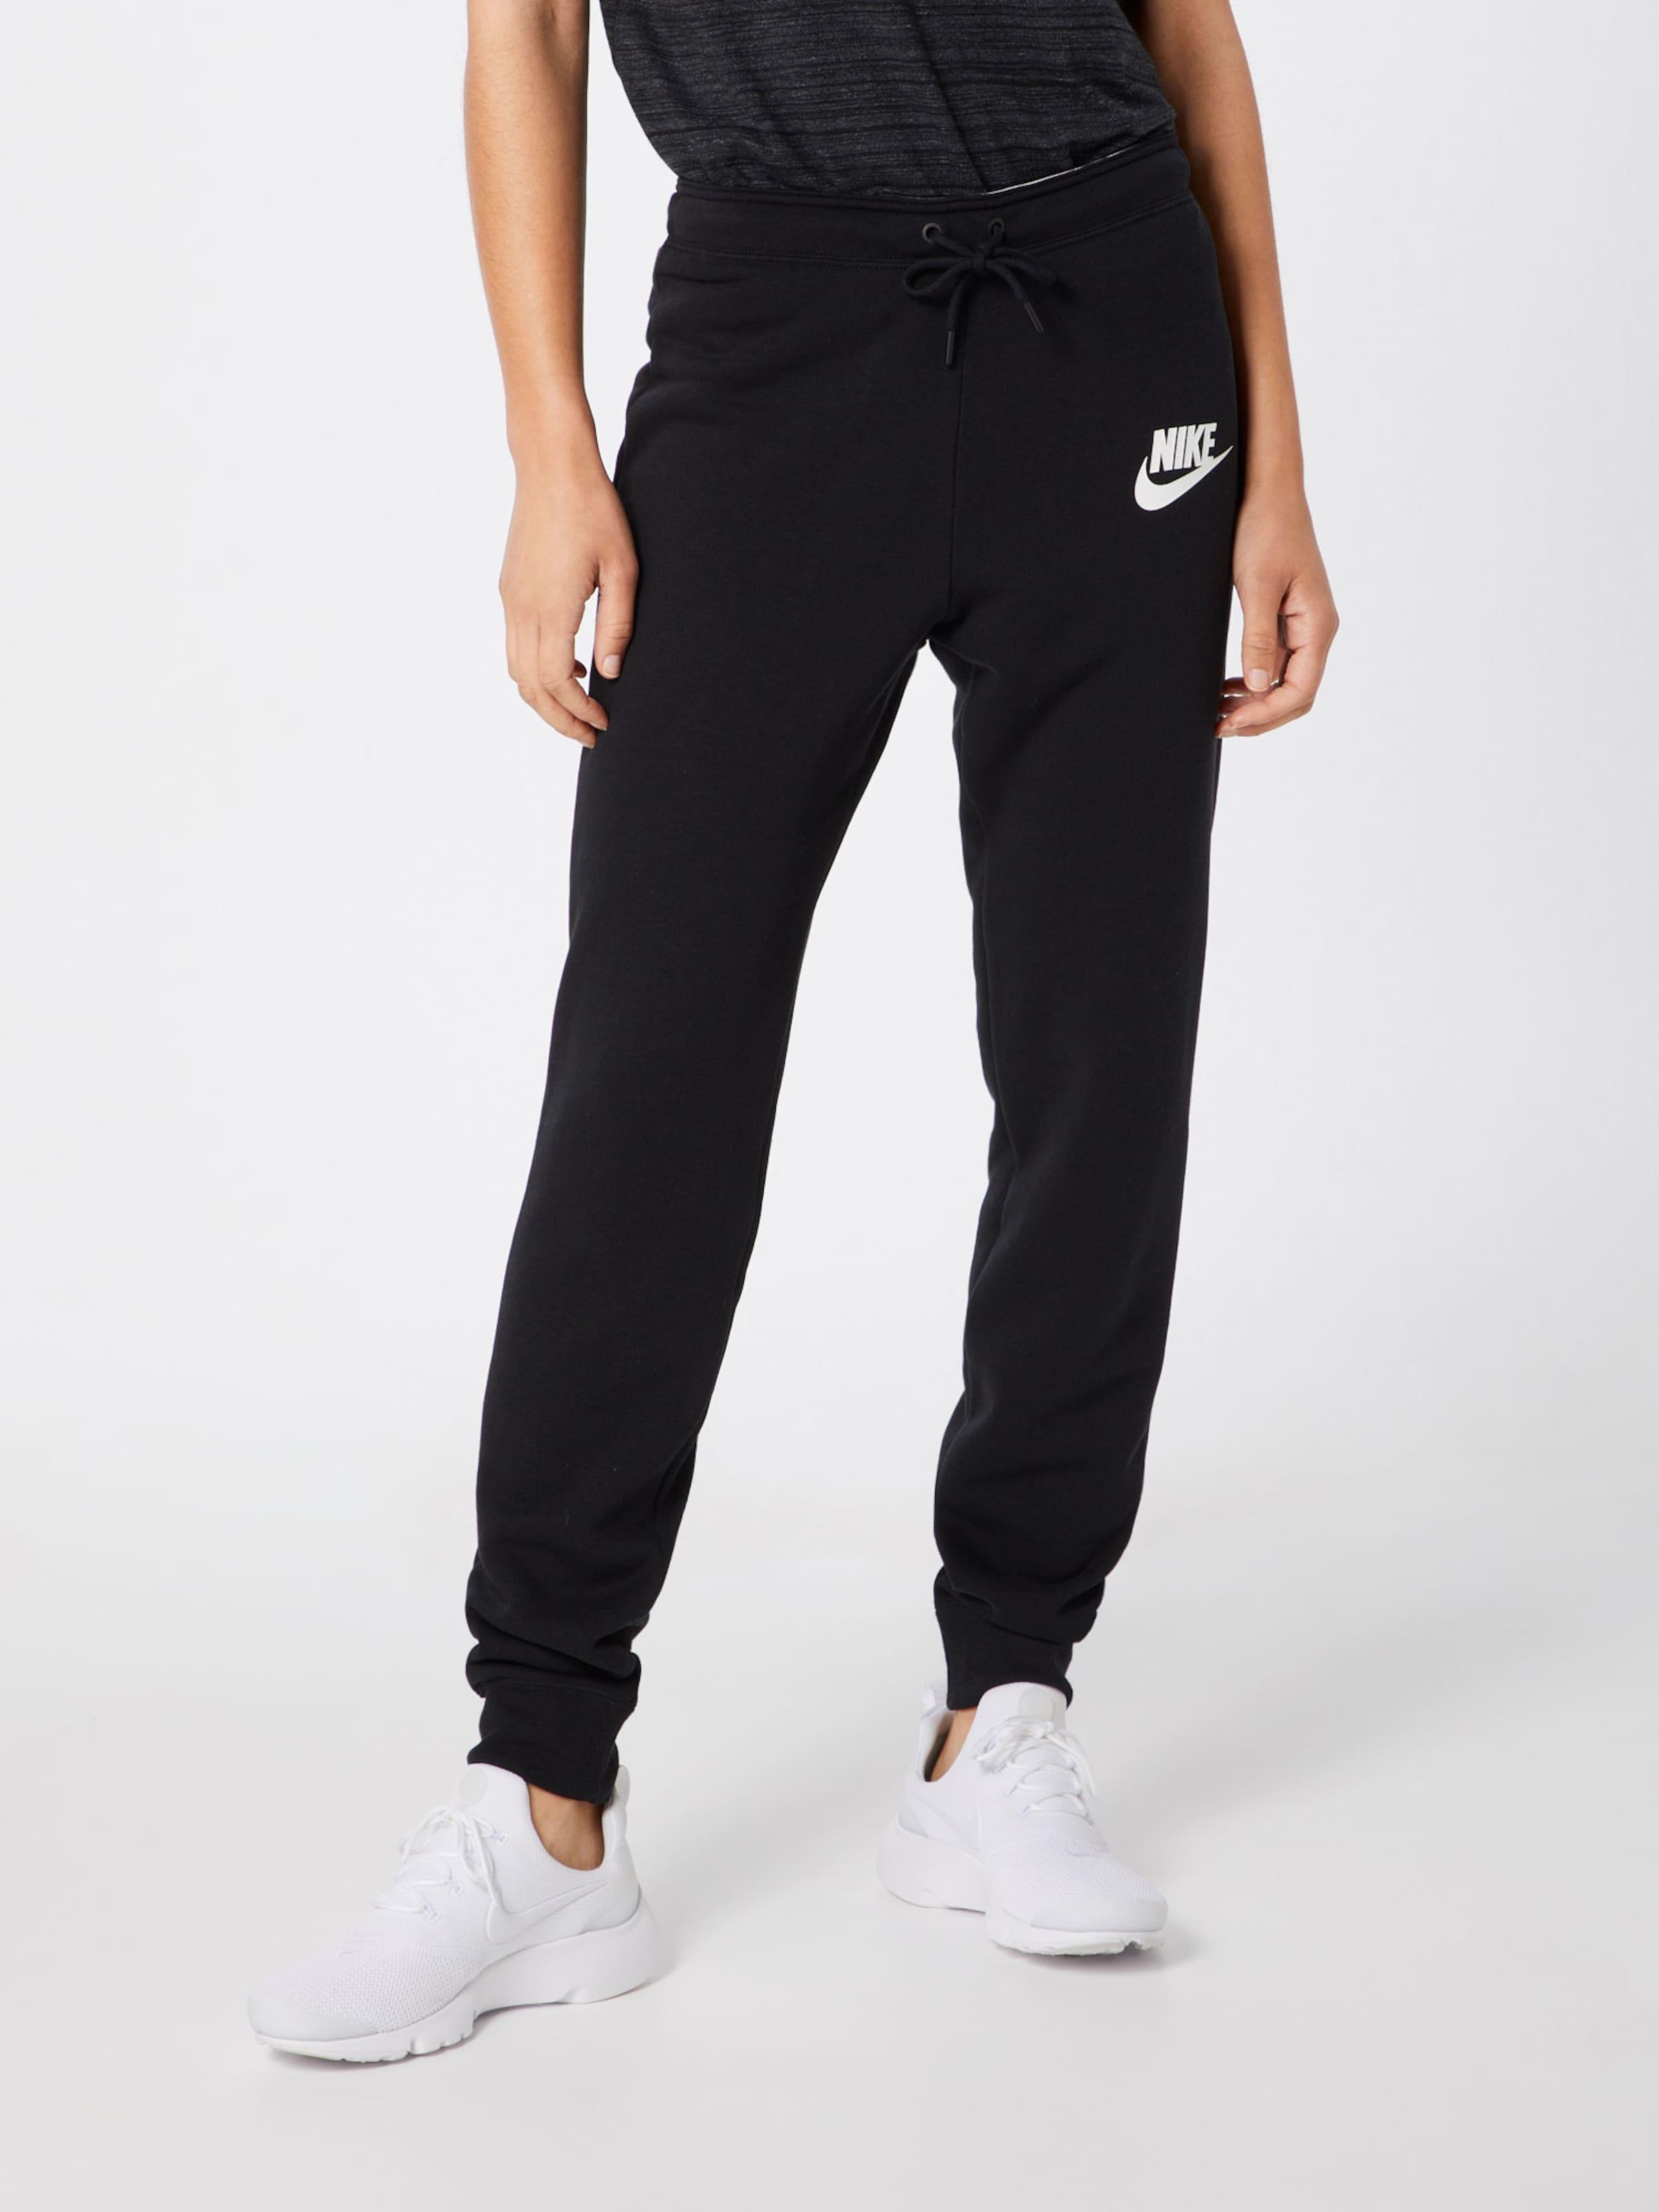 En Sportswear 'rally' Noir Nike Pantalon EI2DH9